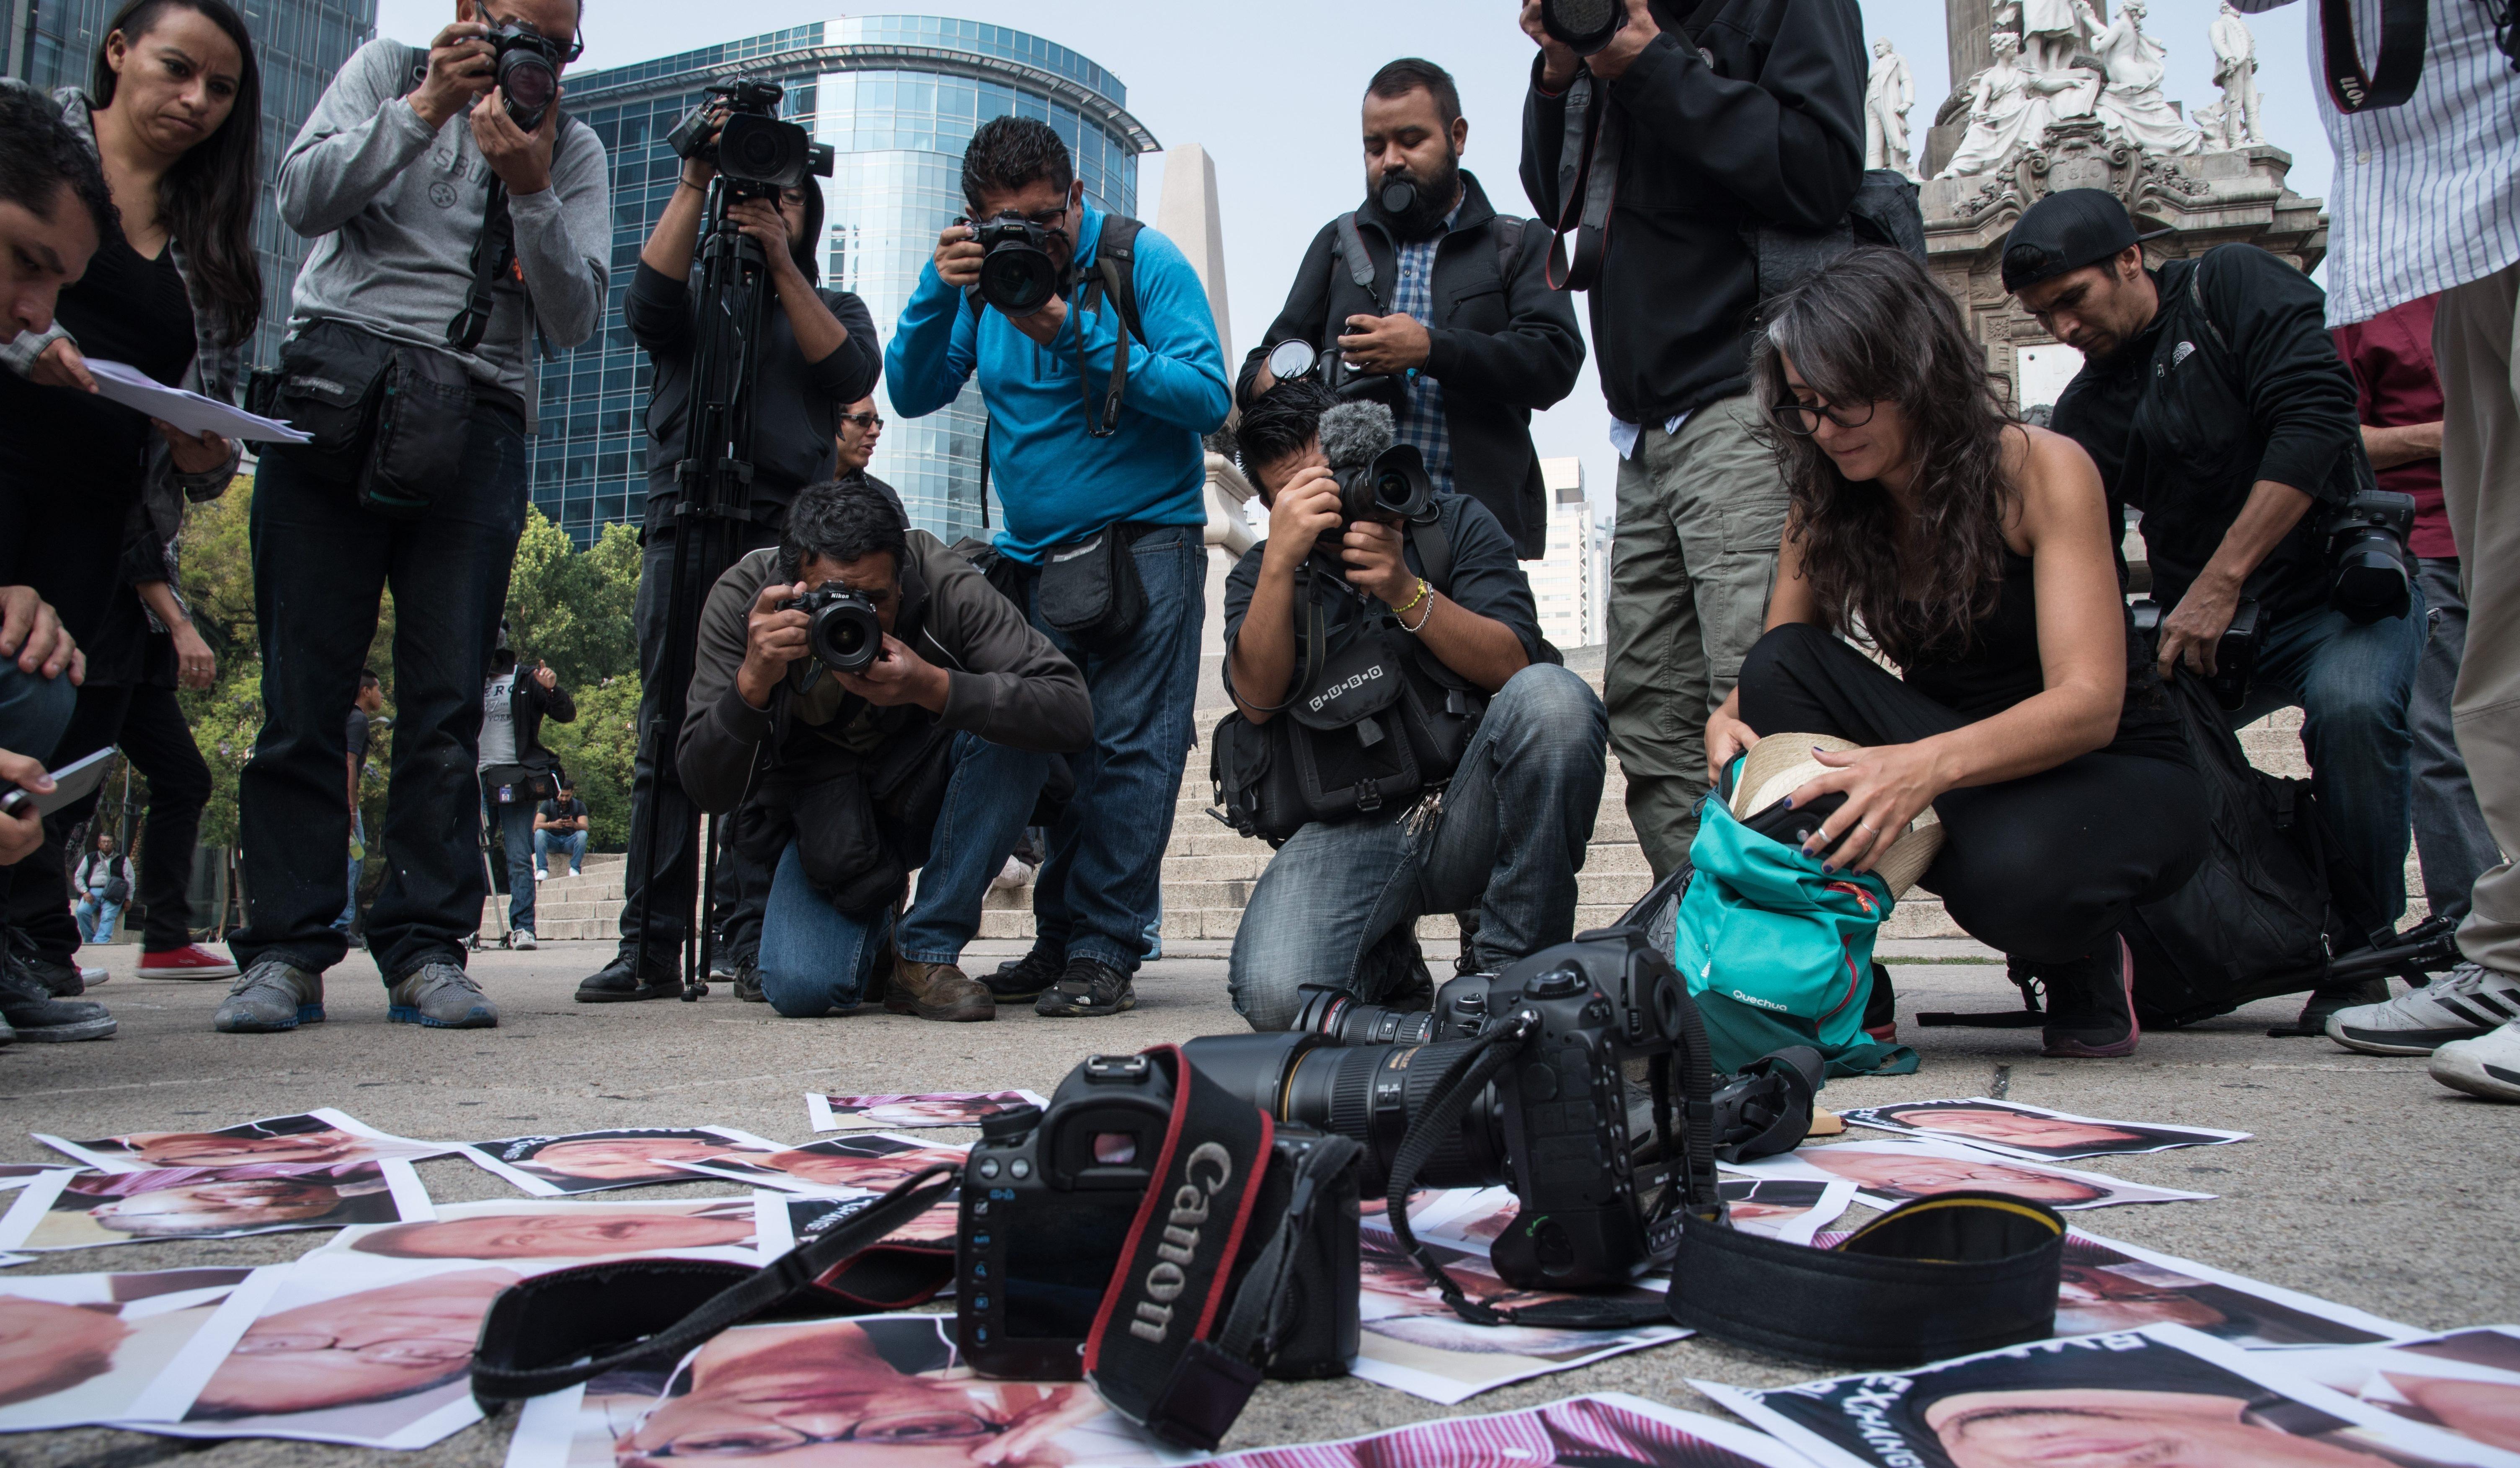 En 2019 han asesinado a 10 periodistas y agredido a 249: Artículo 19